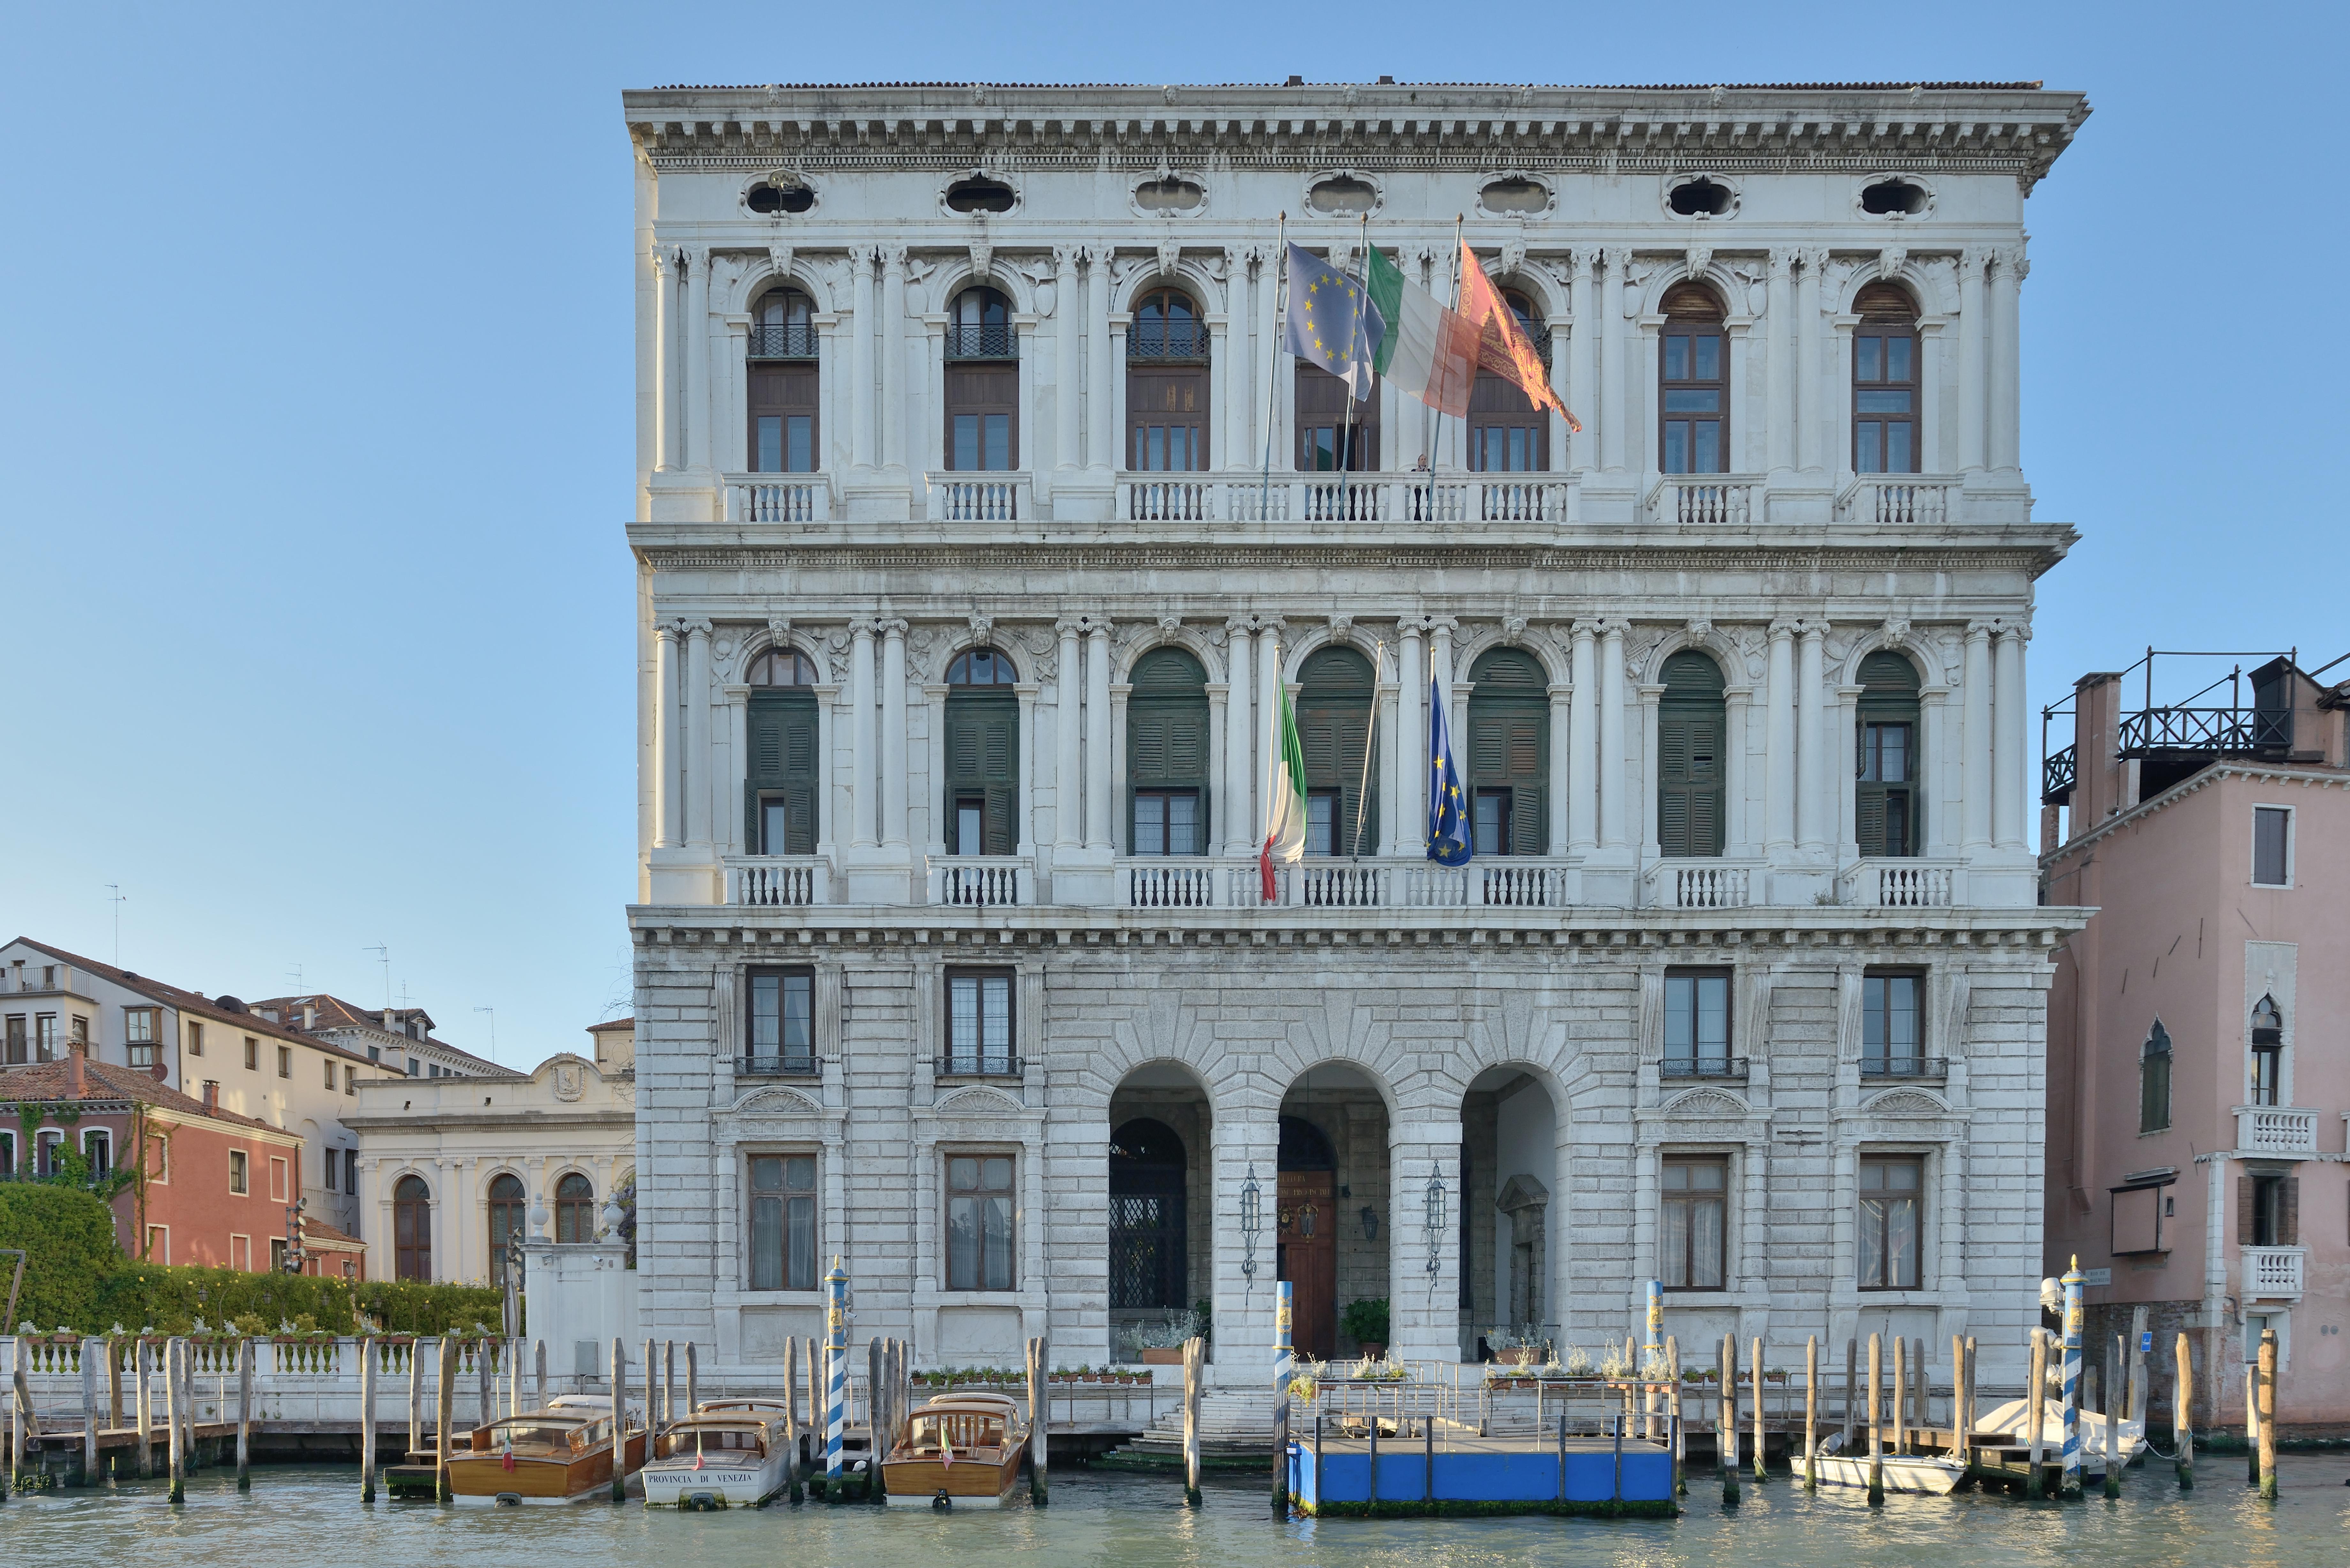 Ufficio Per Carta Venezia : Città metropolitana di venezia wikipedia